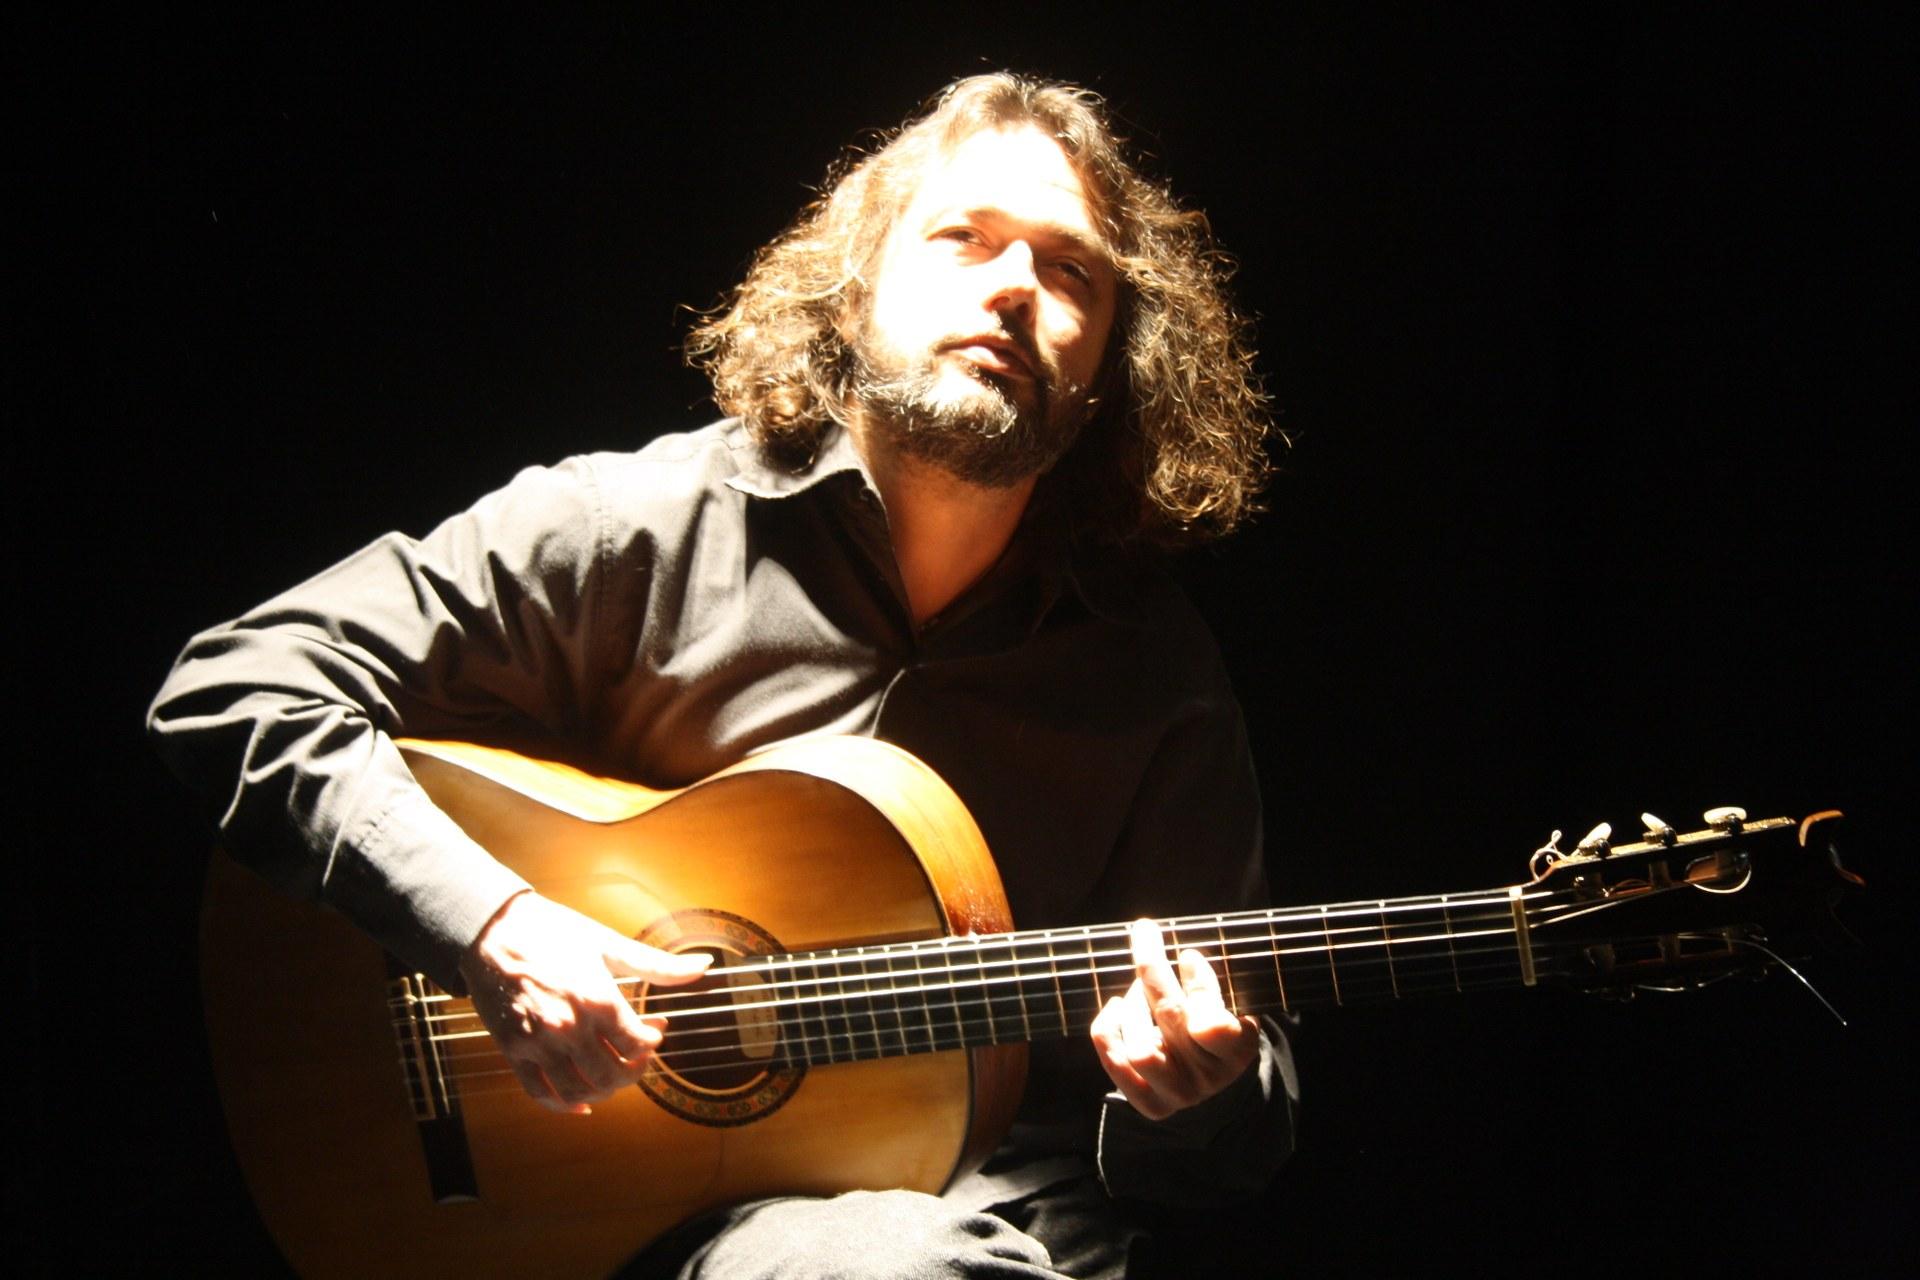 Javier Gavara oferirà el 16 d'agost un concert de guitarra flamenca a les 21.00 h a l'ermita de Sant Sebastià